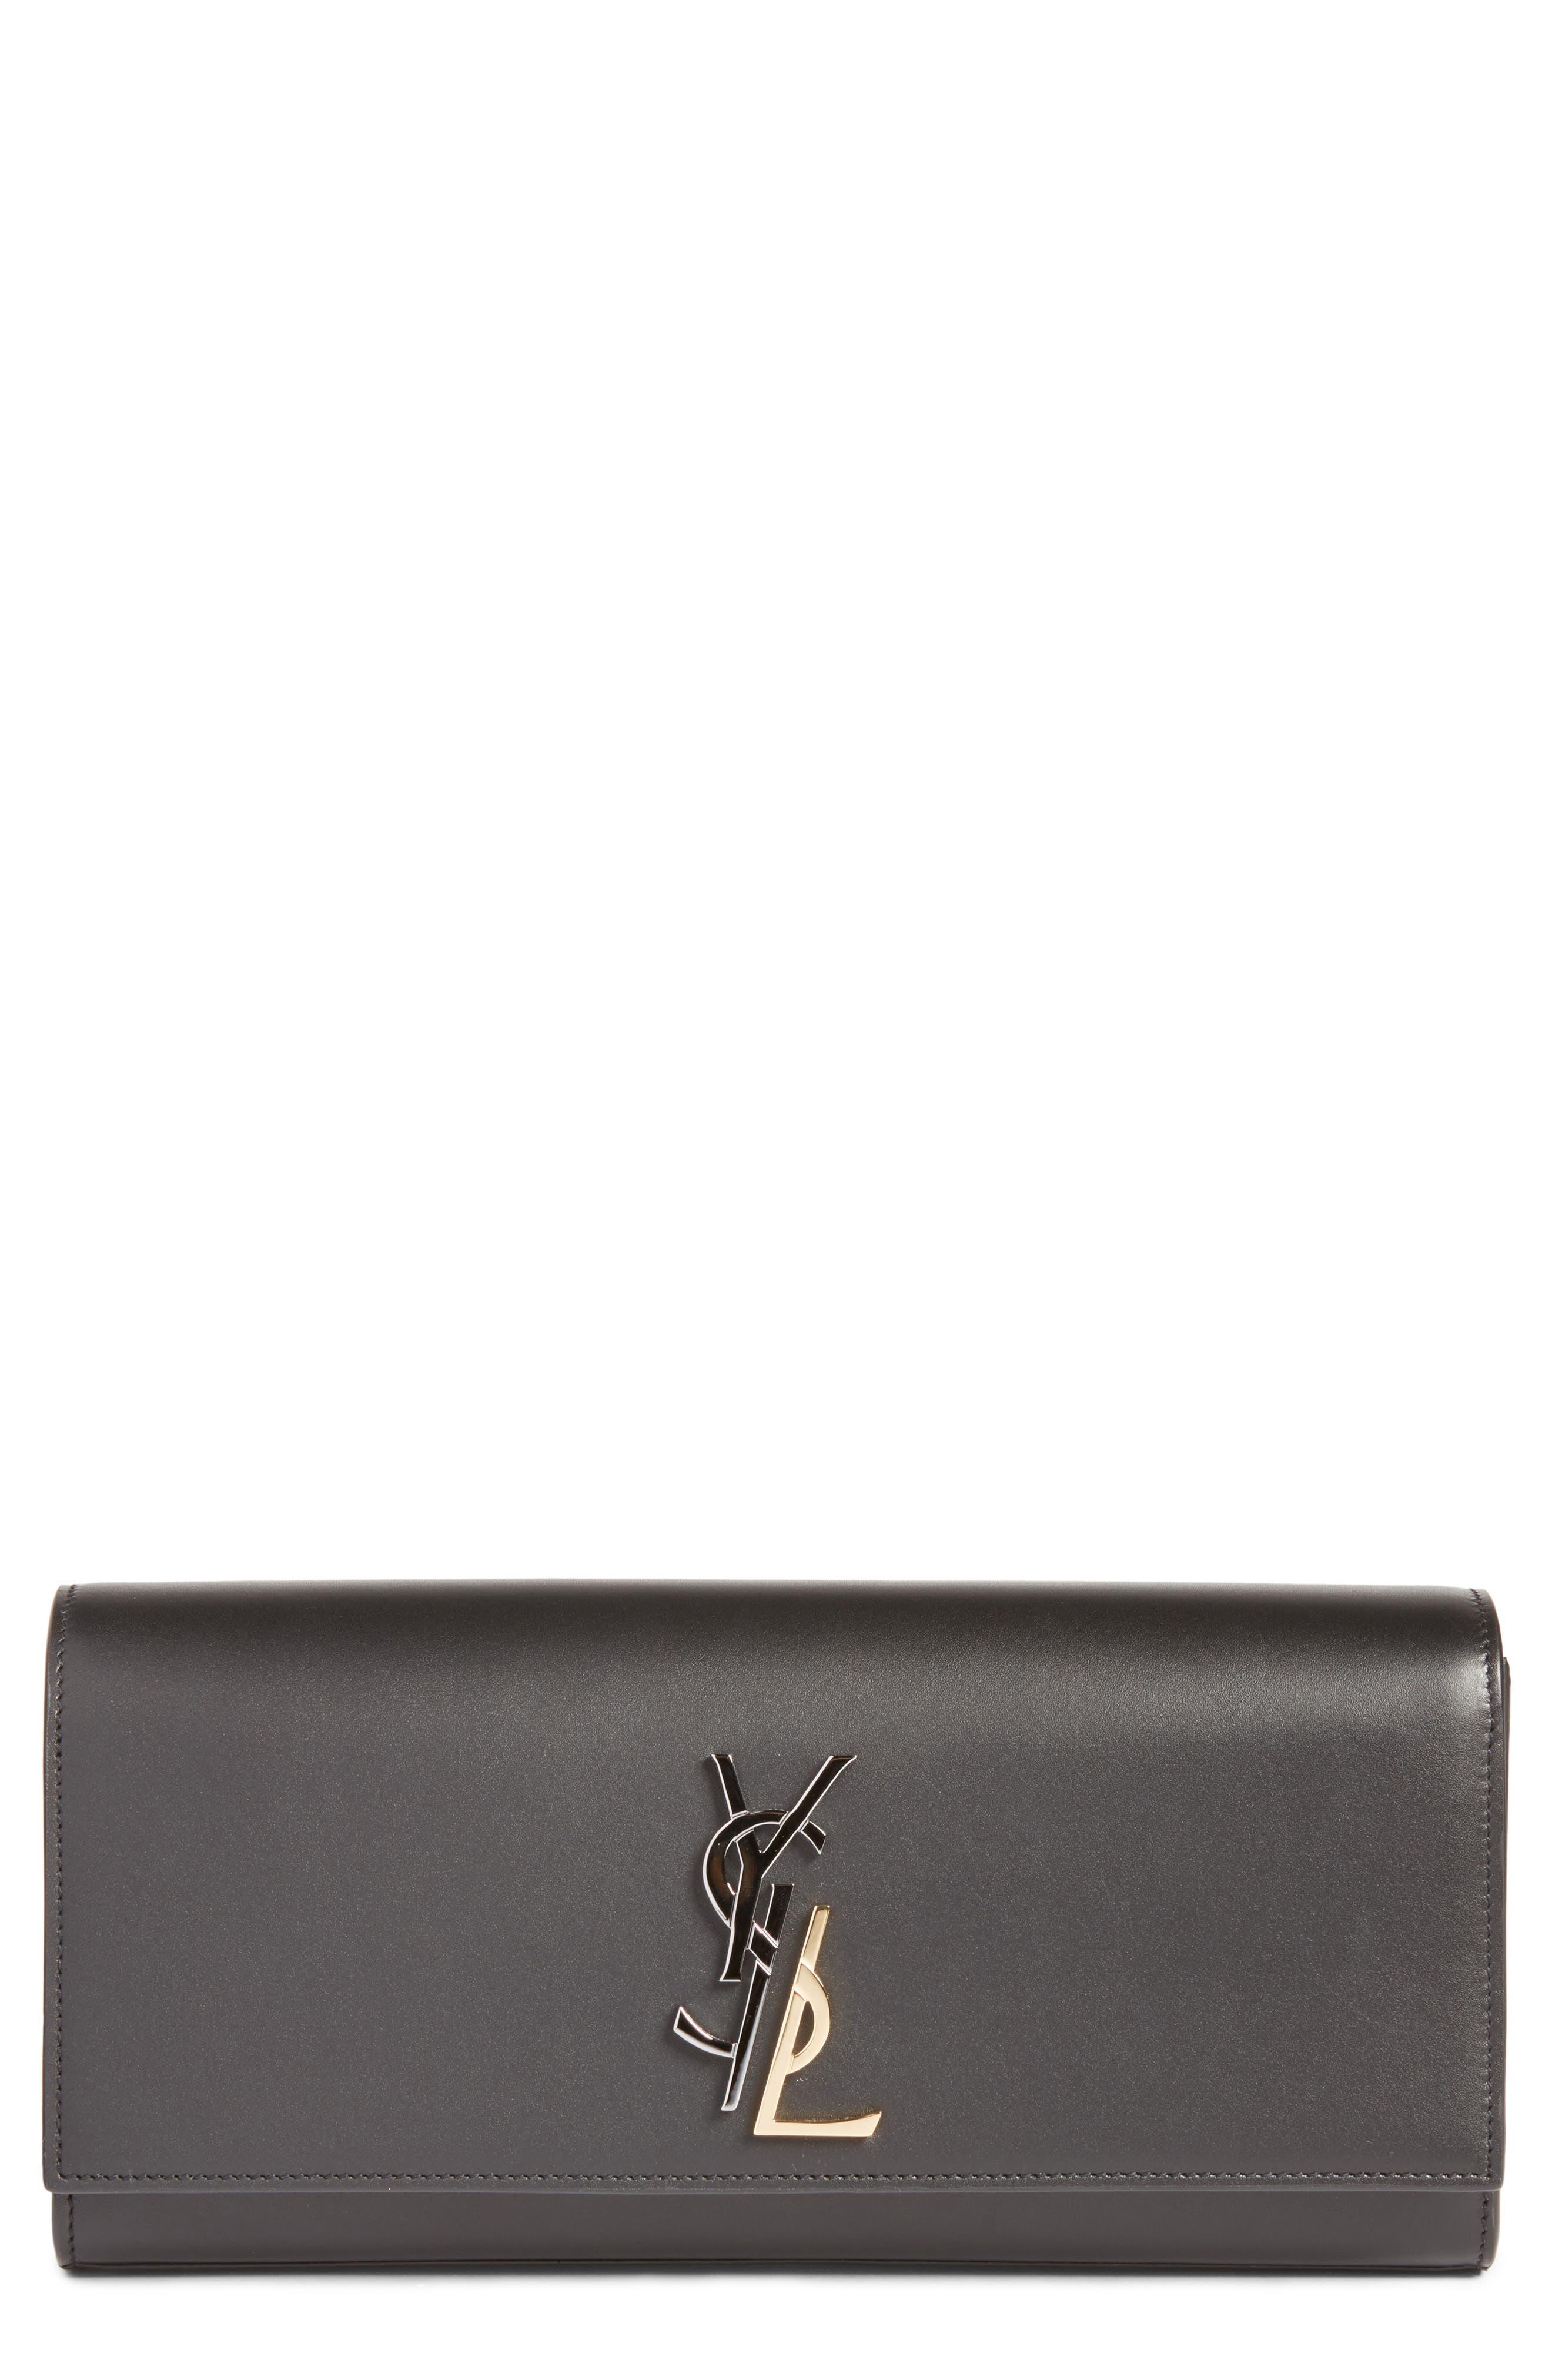 Saint Laurent Kate Deconstructed Monogram Leather Clutch